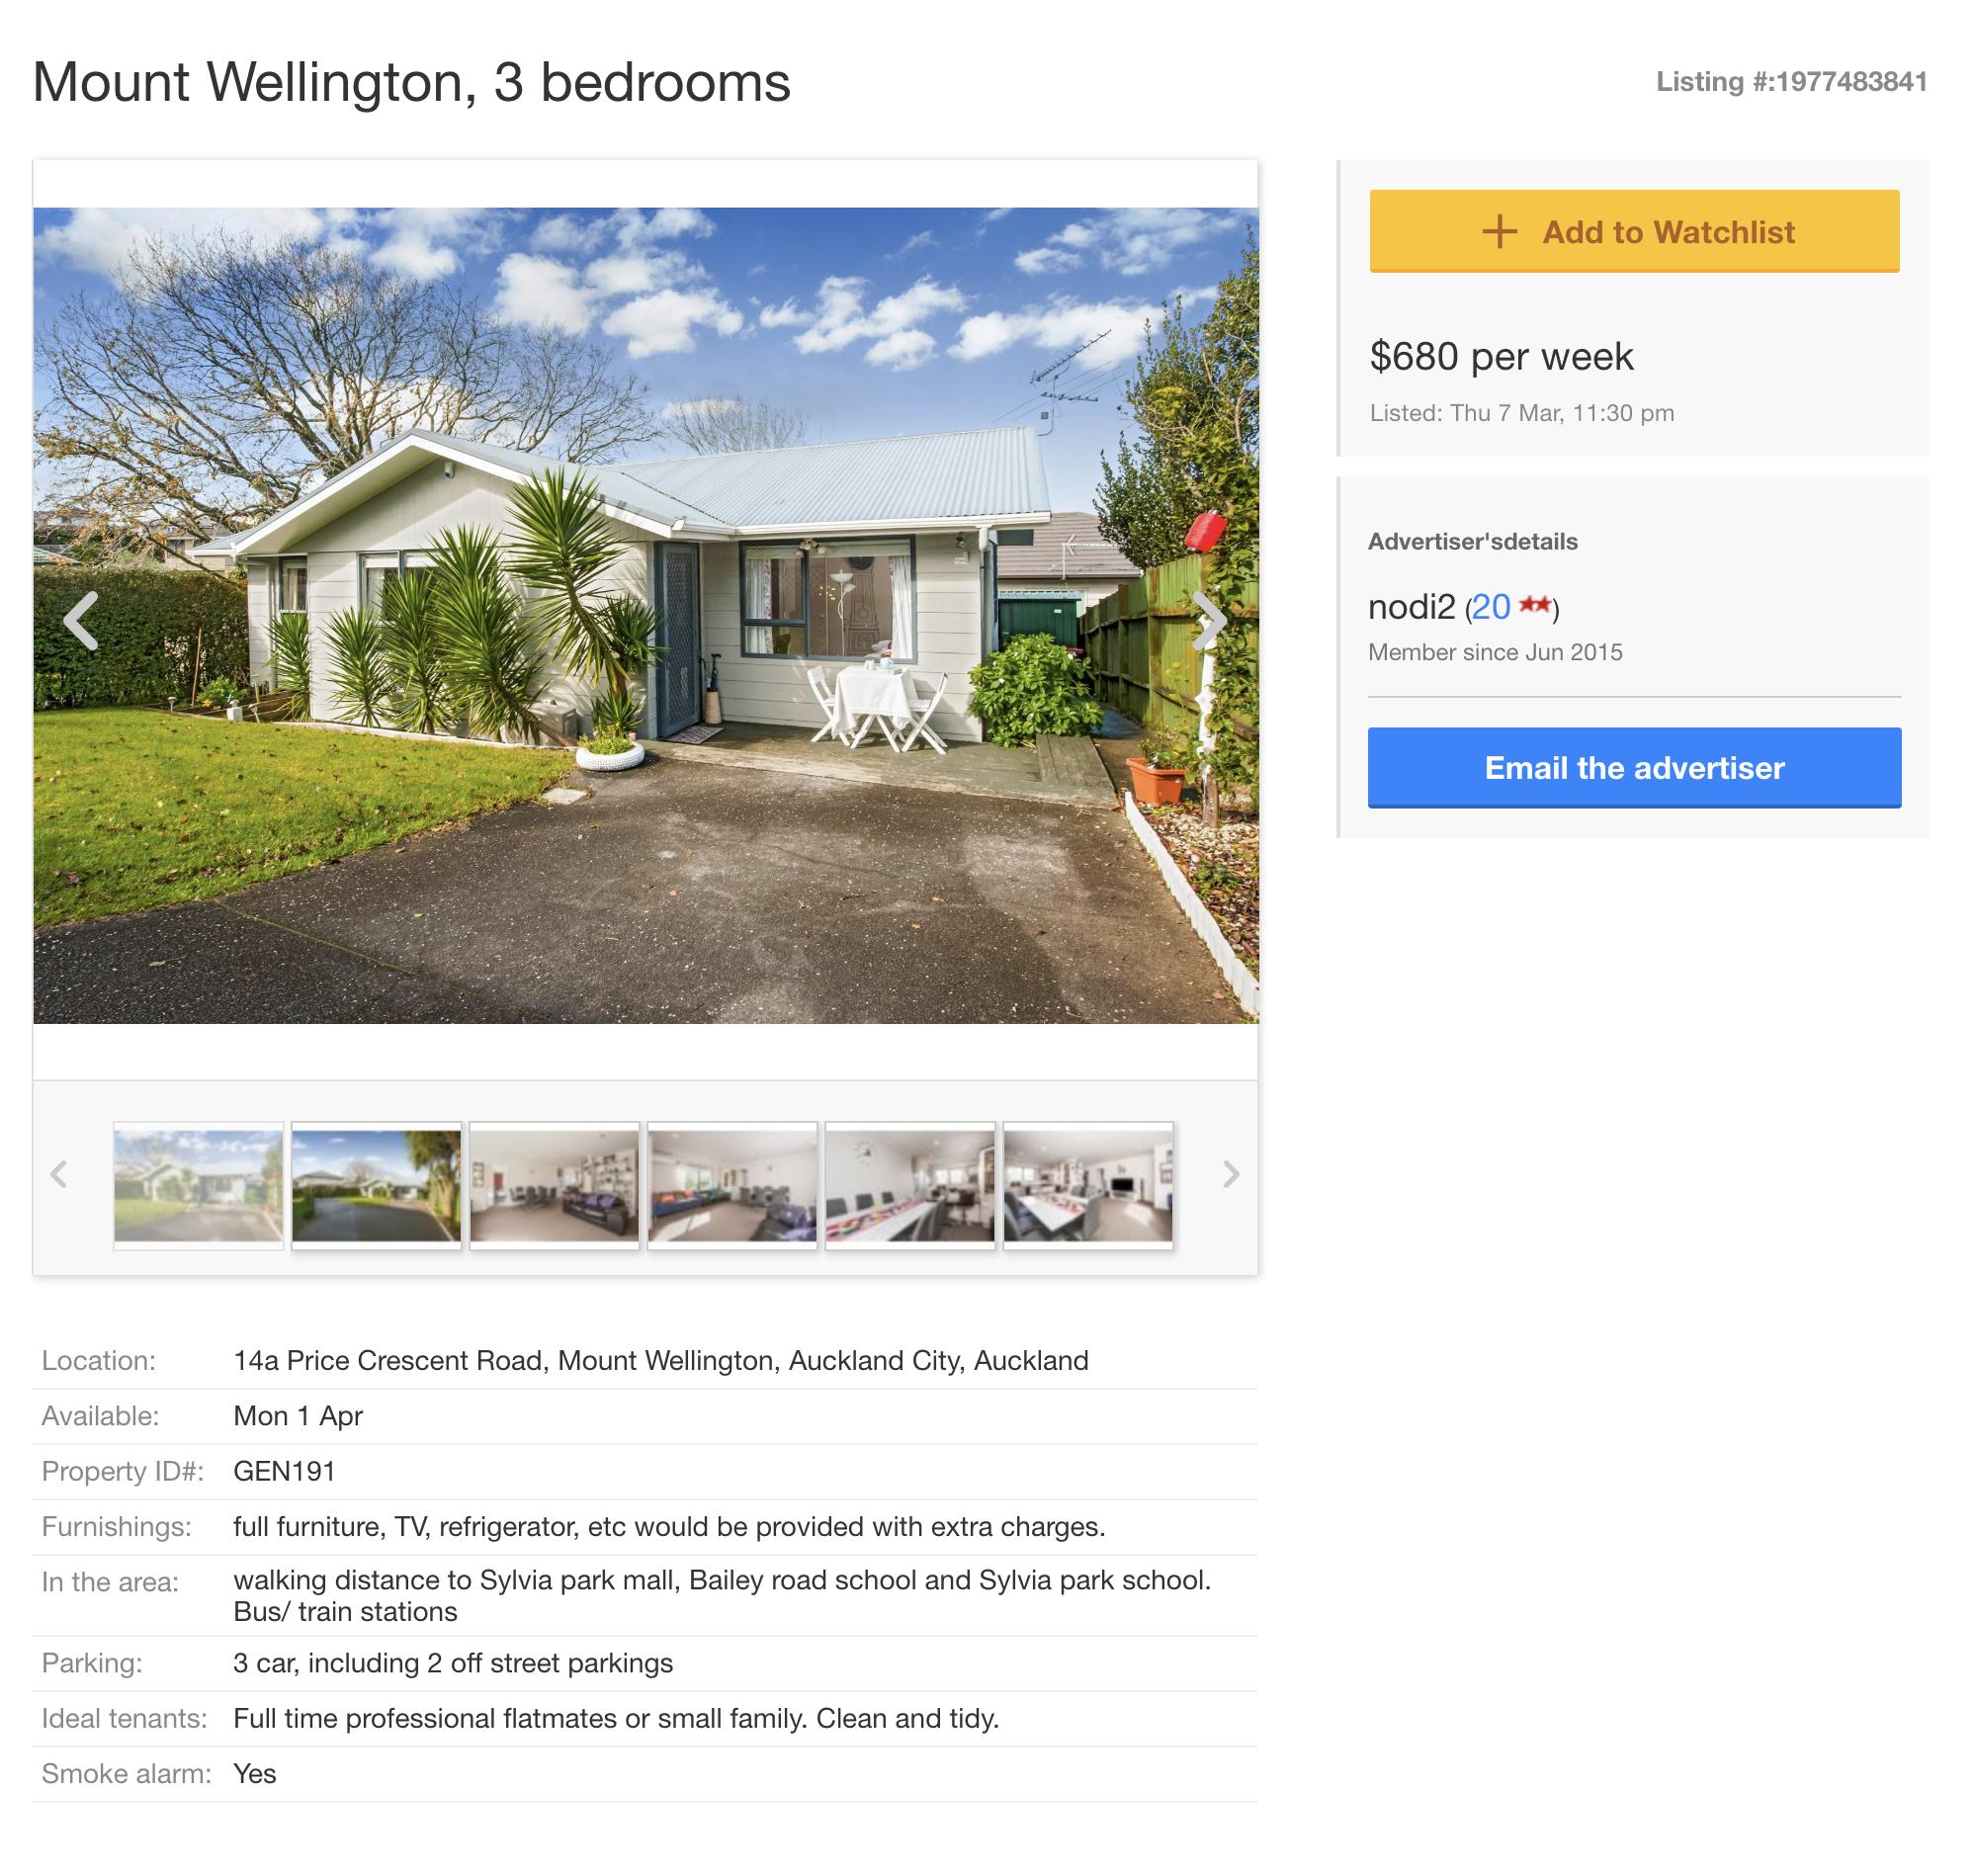 Дом с тремя спальнями в пригороде за 680$ (30 124 р.) в неделю